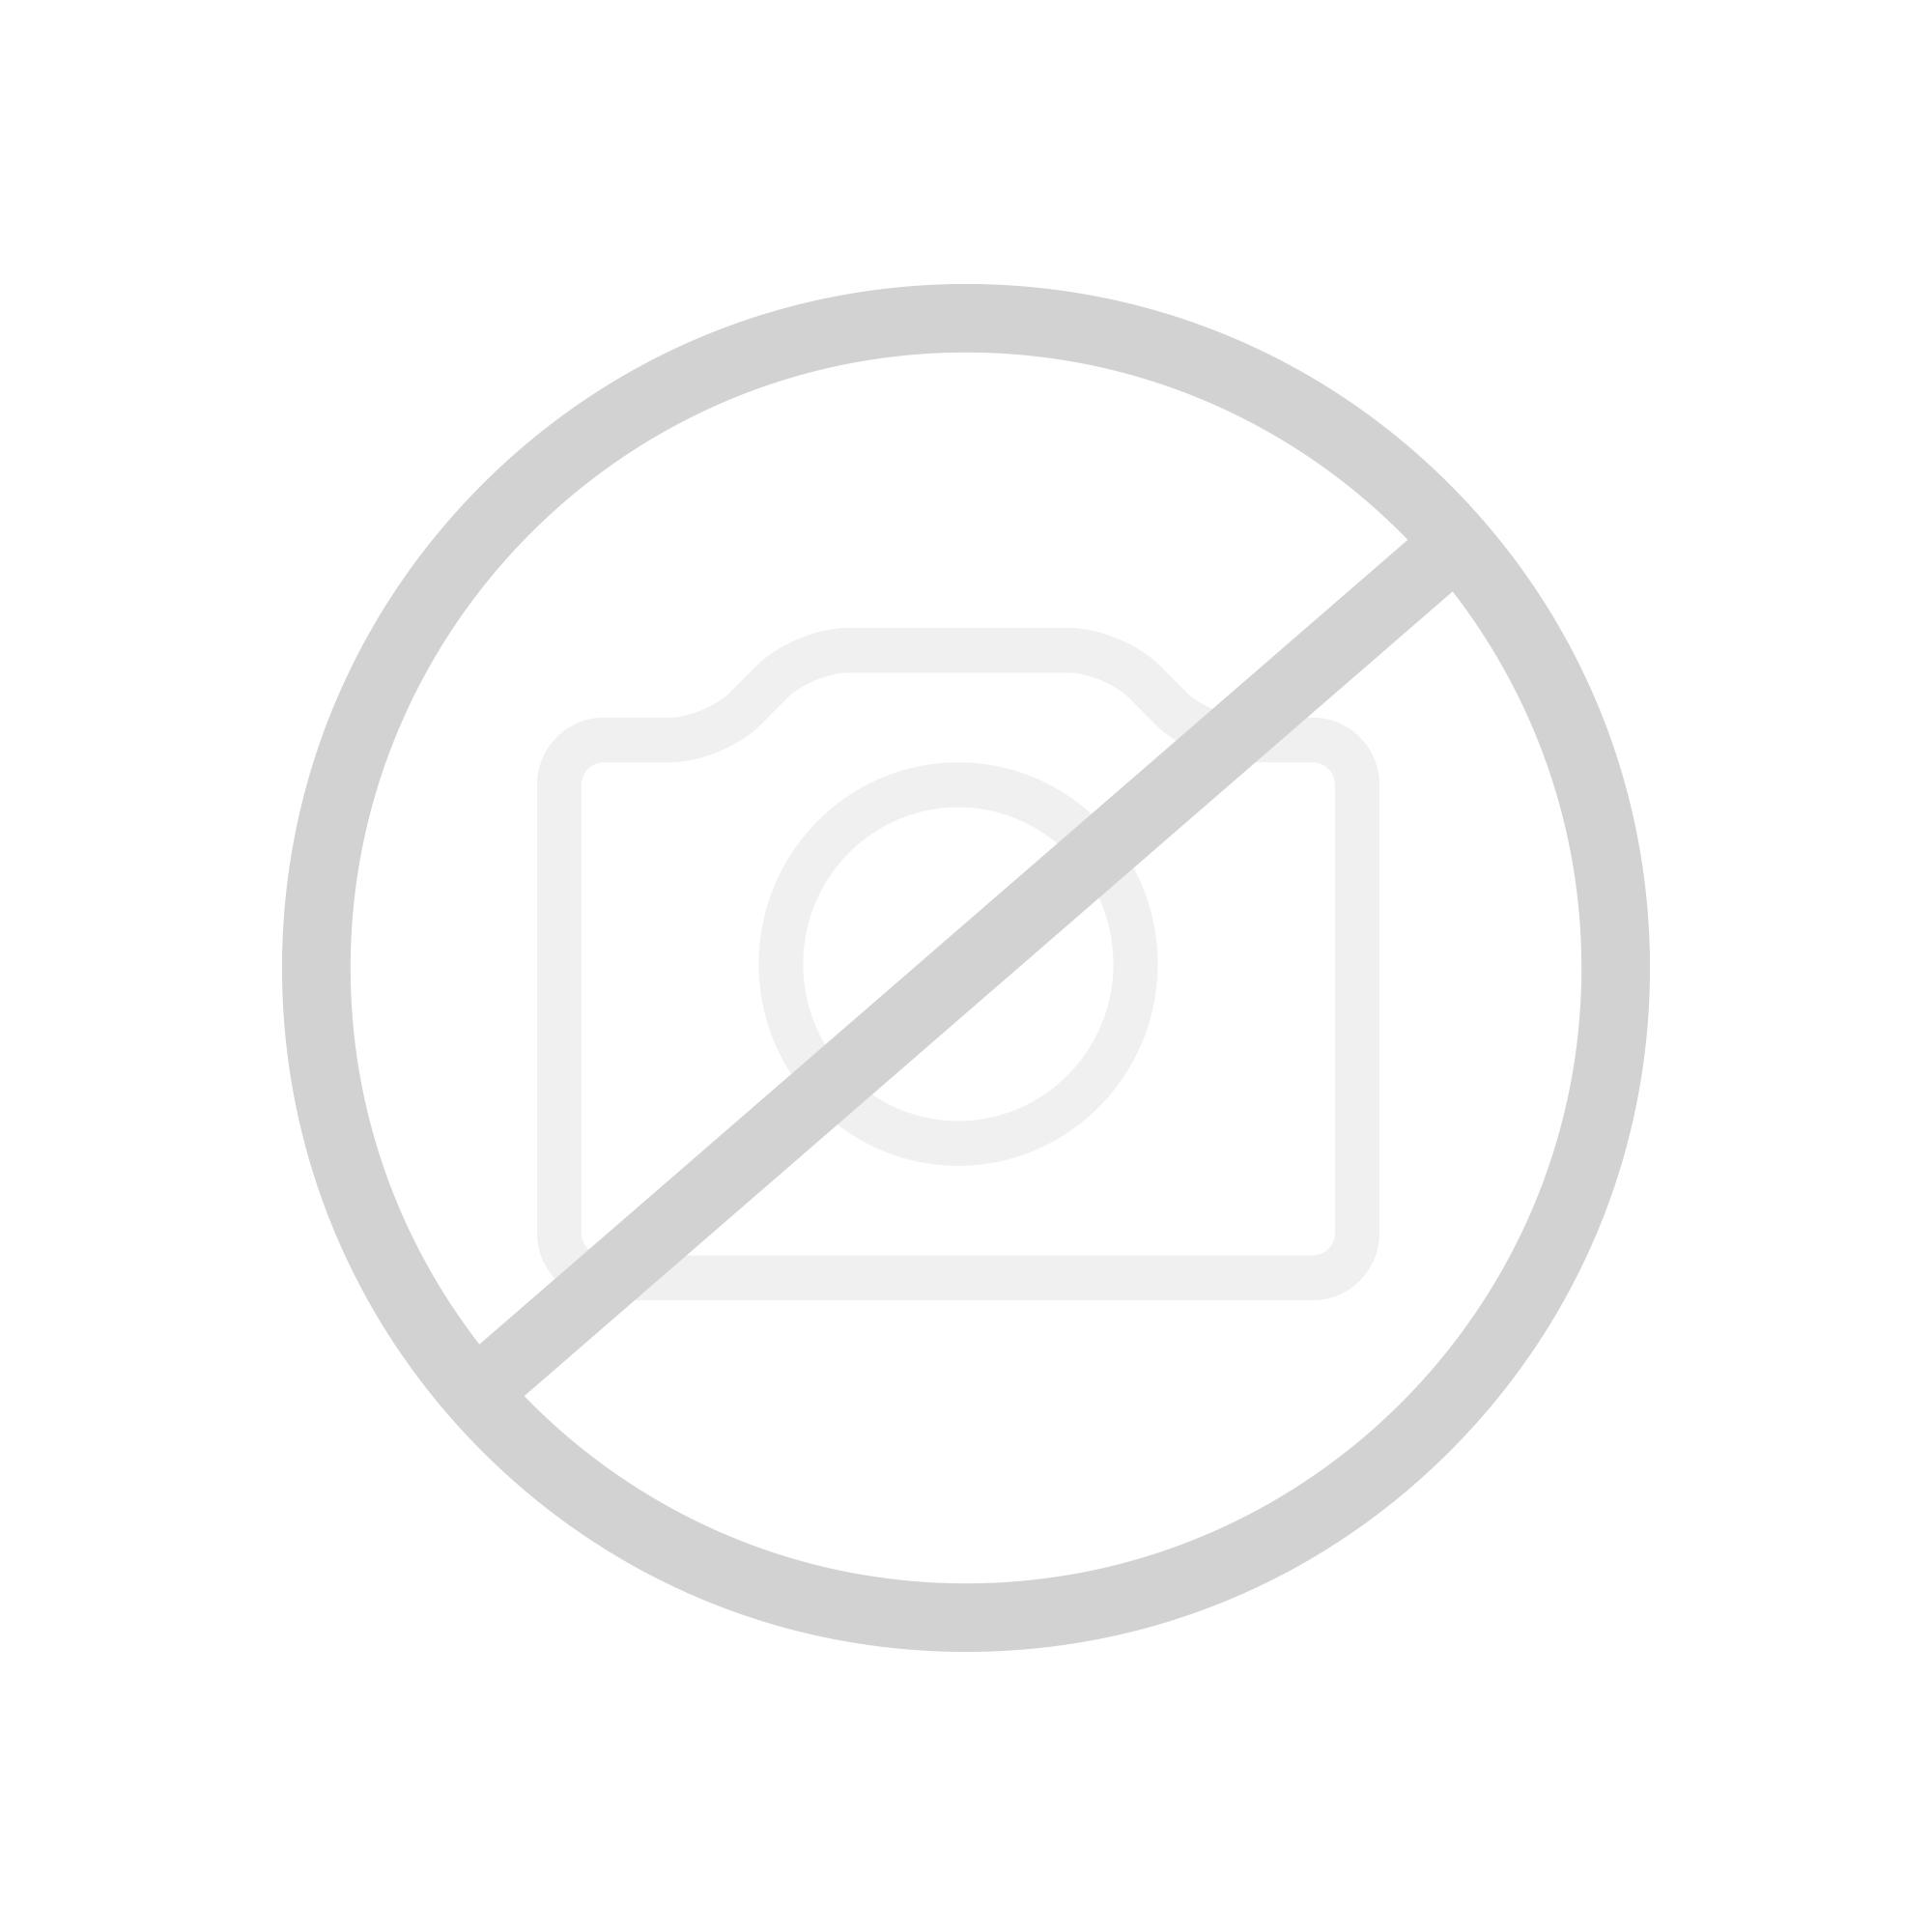 Hüppe Design pure Badewannenabtrennung 1teilig Klarglas mit ANTI-PLAQUE / silber matt